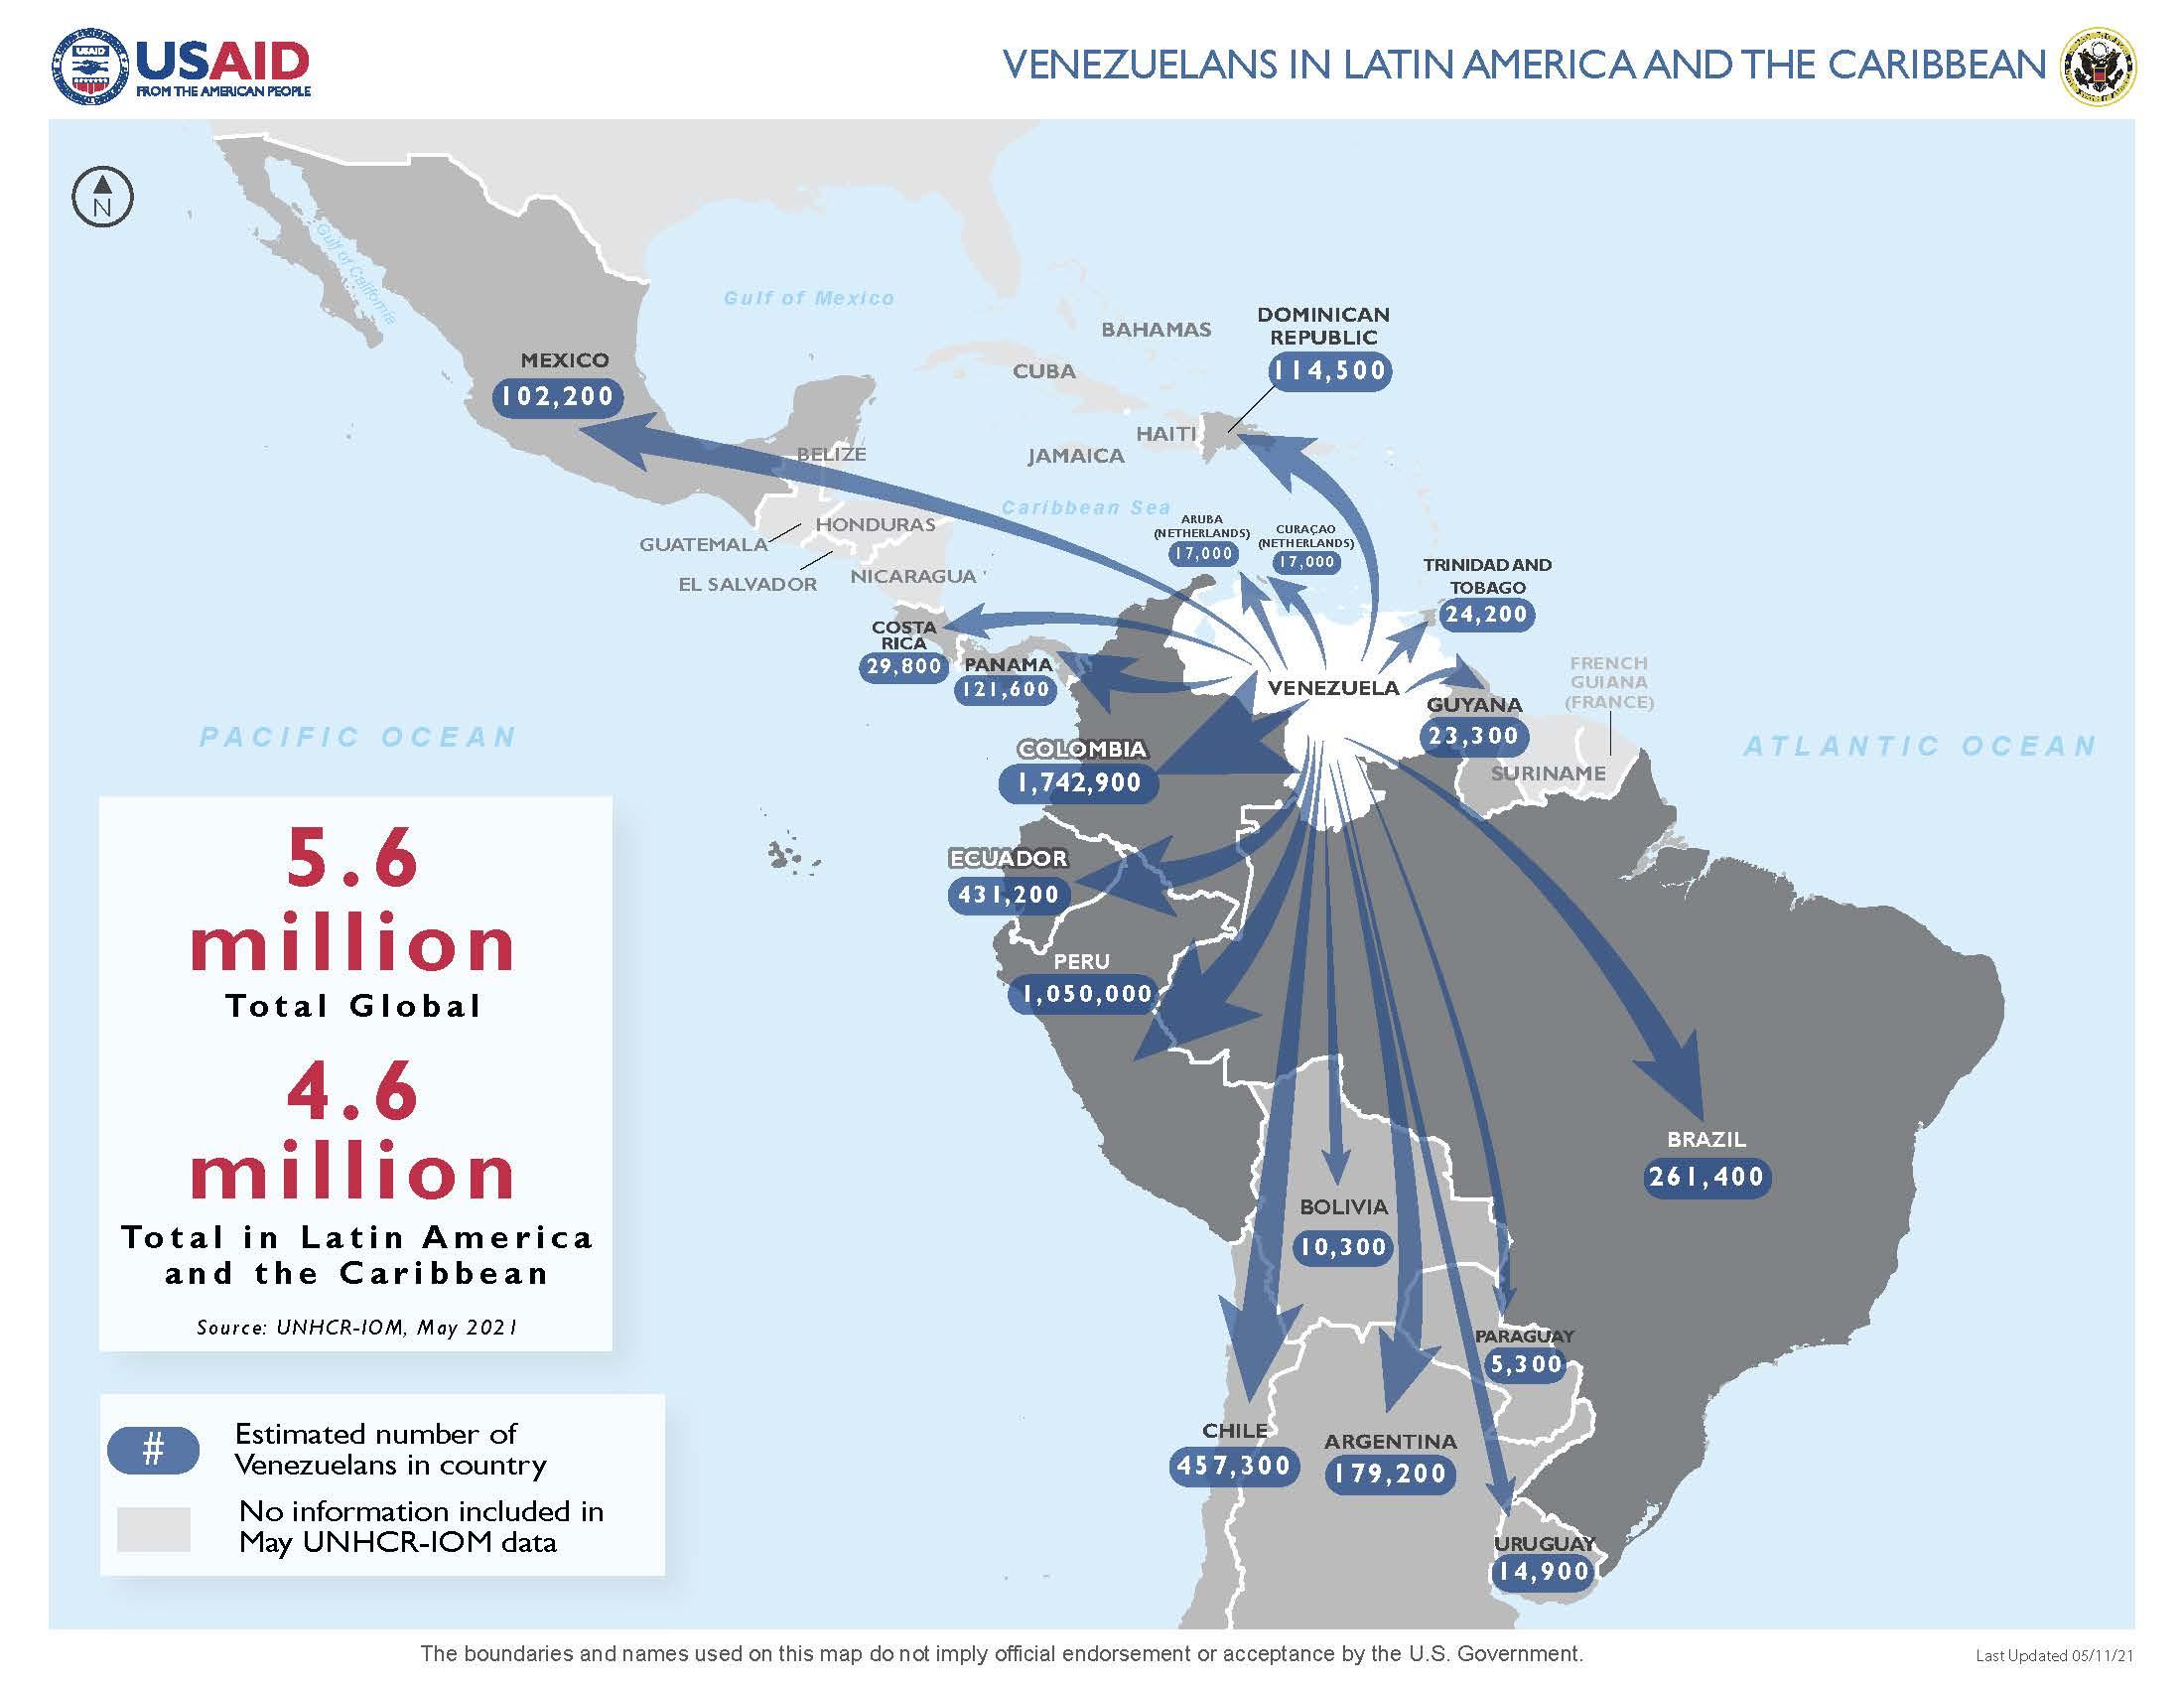 Pict_2021_05_11 - Venezuela Population Outflows Map